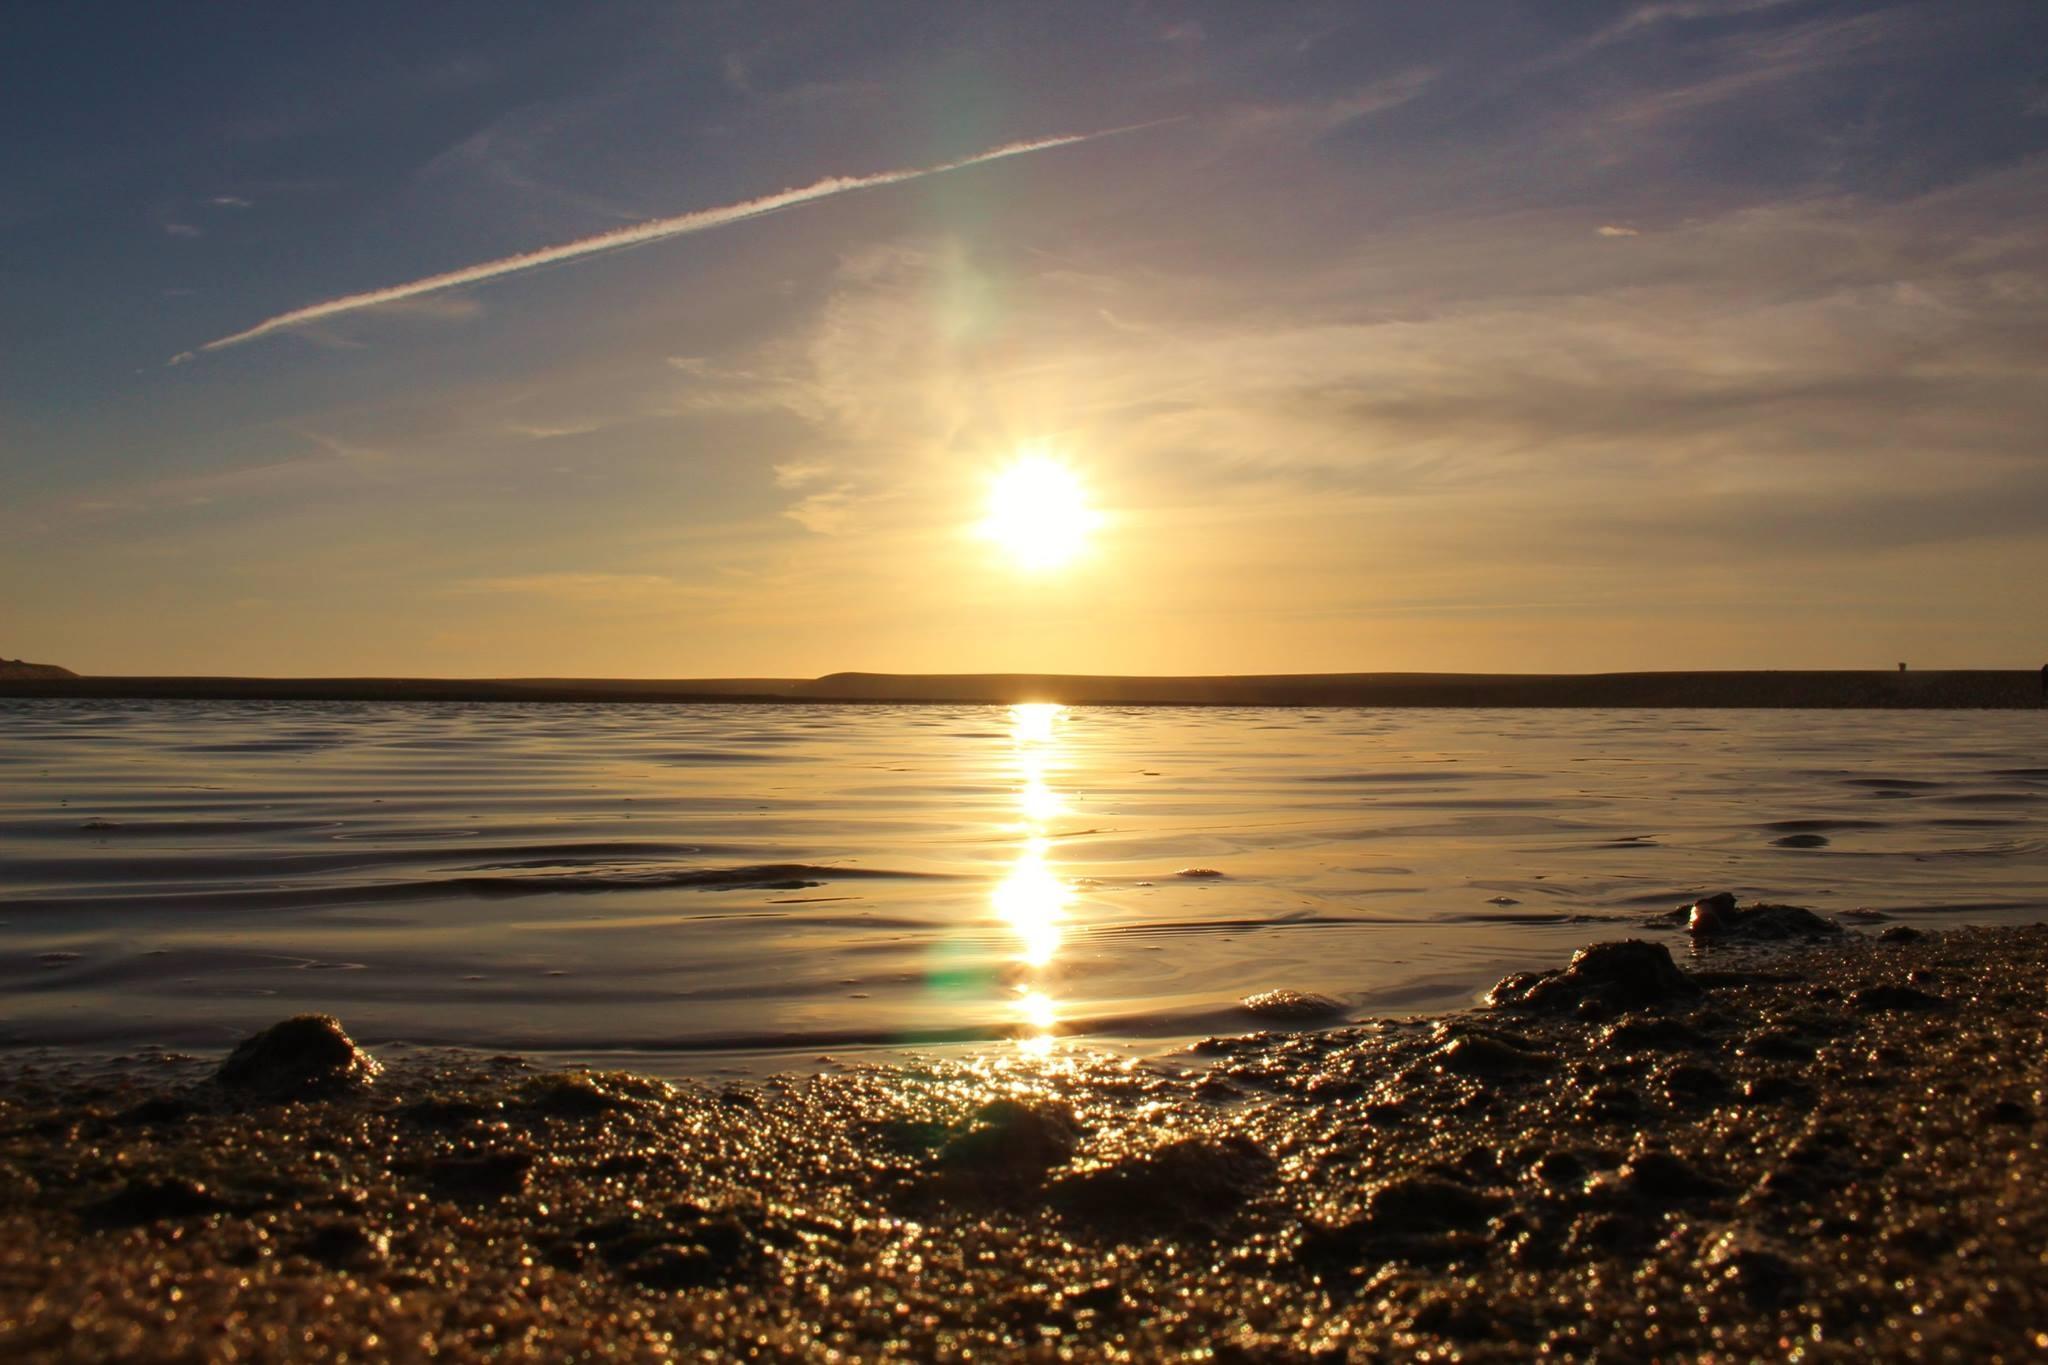 Gambar Pantai Laut Pasir Lautan Horison Awan Langit Sinar Matahari Matahari Terbit Matahari Terbenam Pagi Gelombang Fajar Suasana Foto Senja Permai Romantis Berkemah Badan Air Di Malam Hari Merusak Indah Perasaan